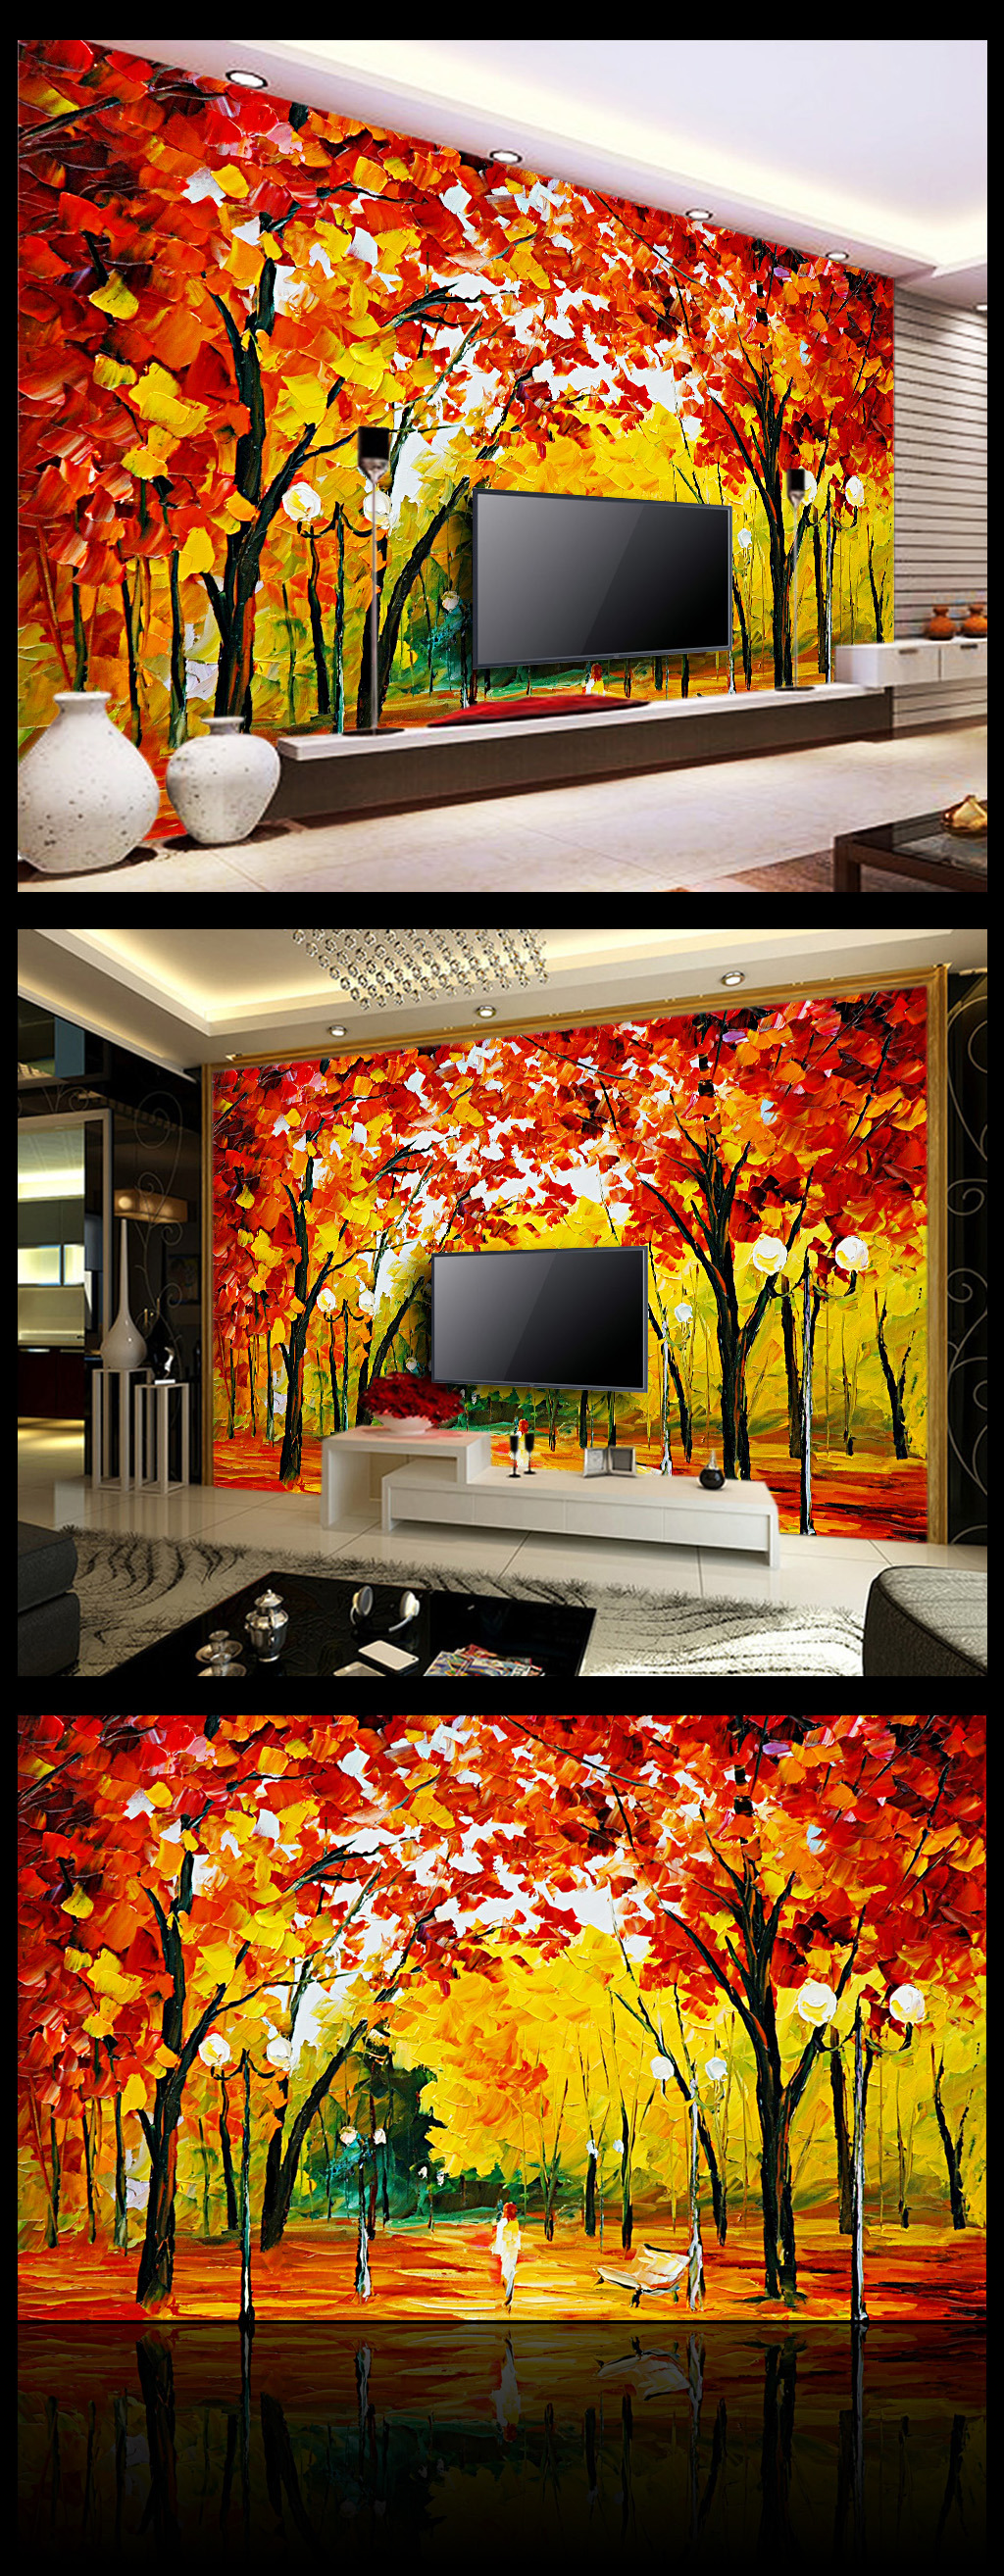 电视机背景墙秋天风景立面壁画图设计大图图片下载 手绘背景墙秋天